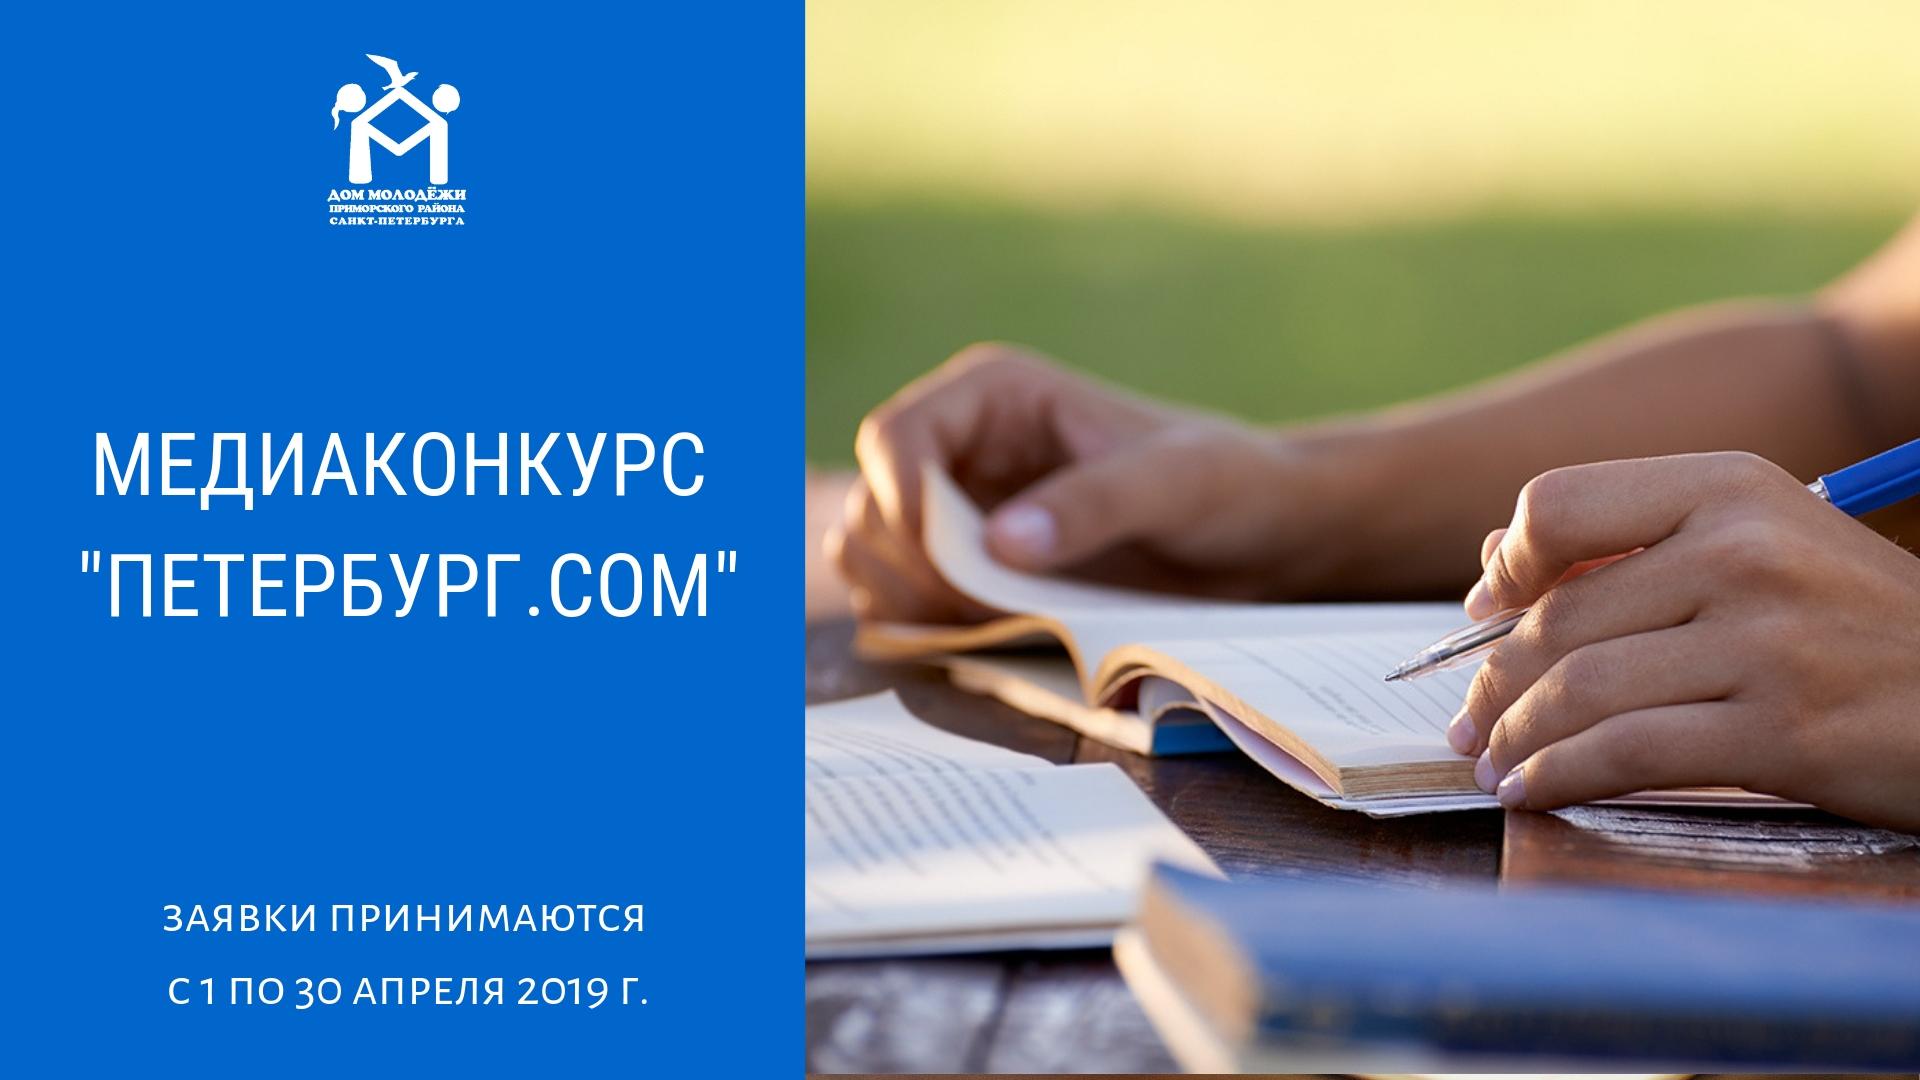 медиаконкурсе «Петербург.com»